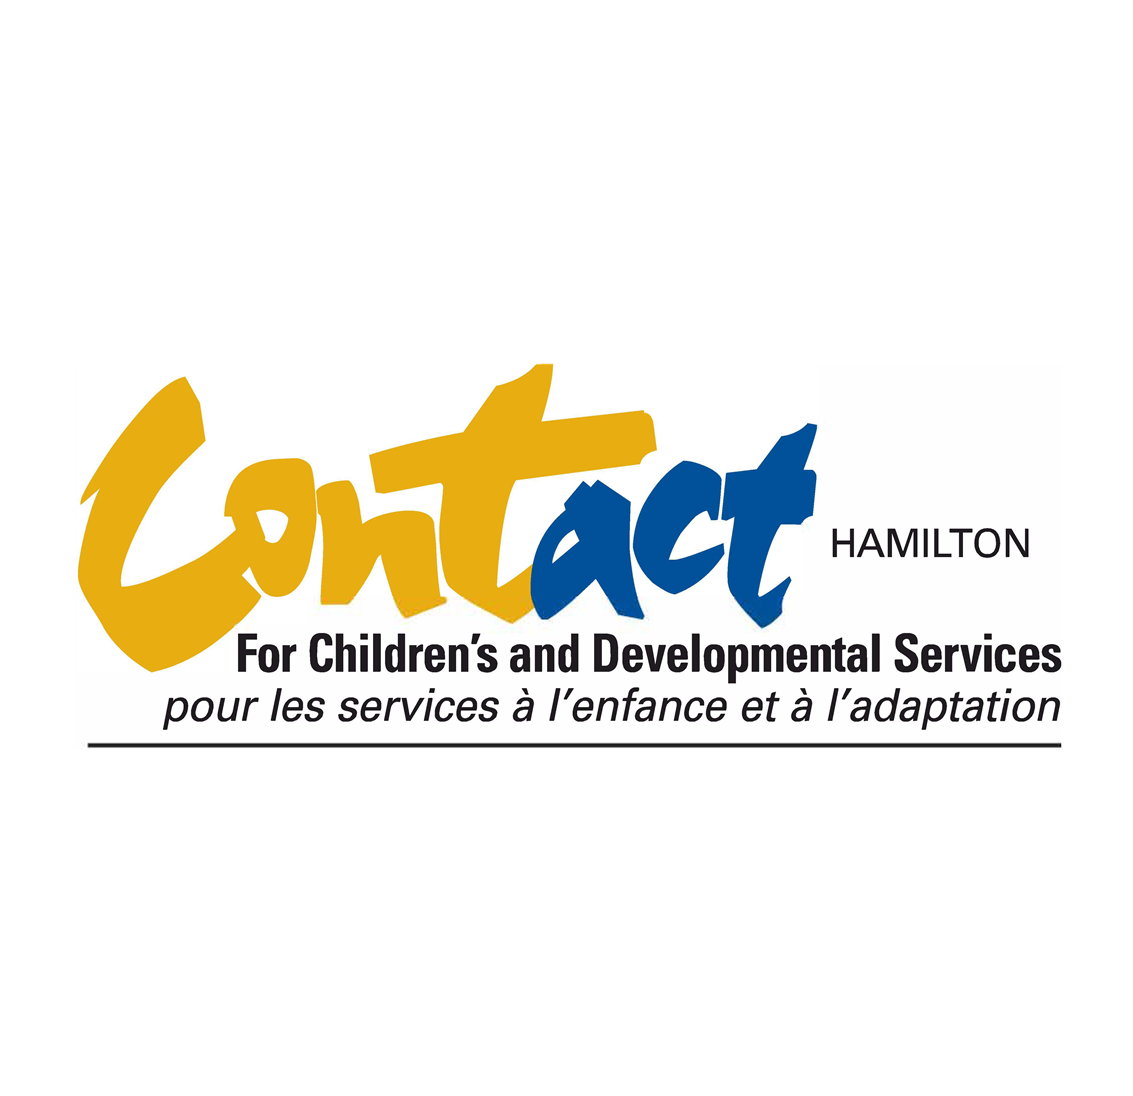 Contact Hamilton logo